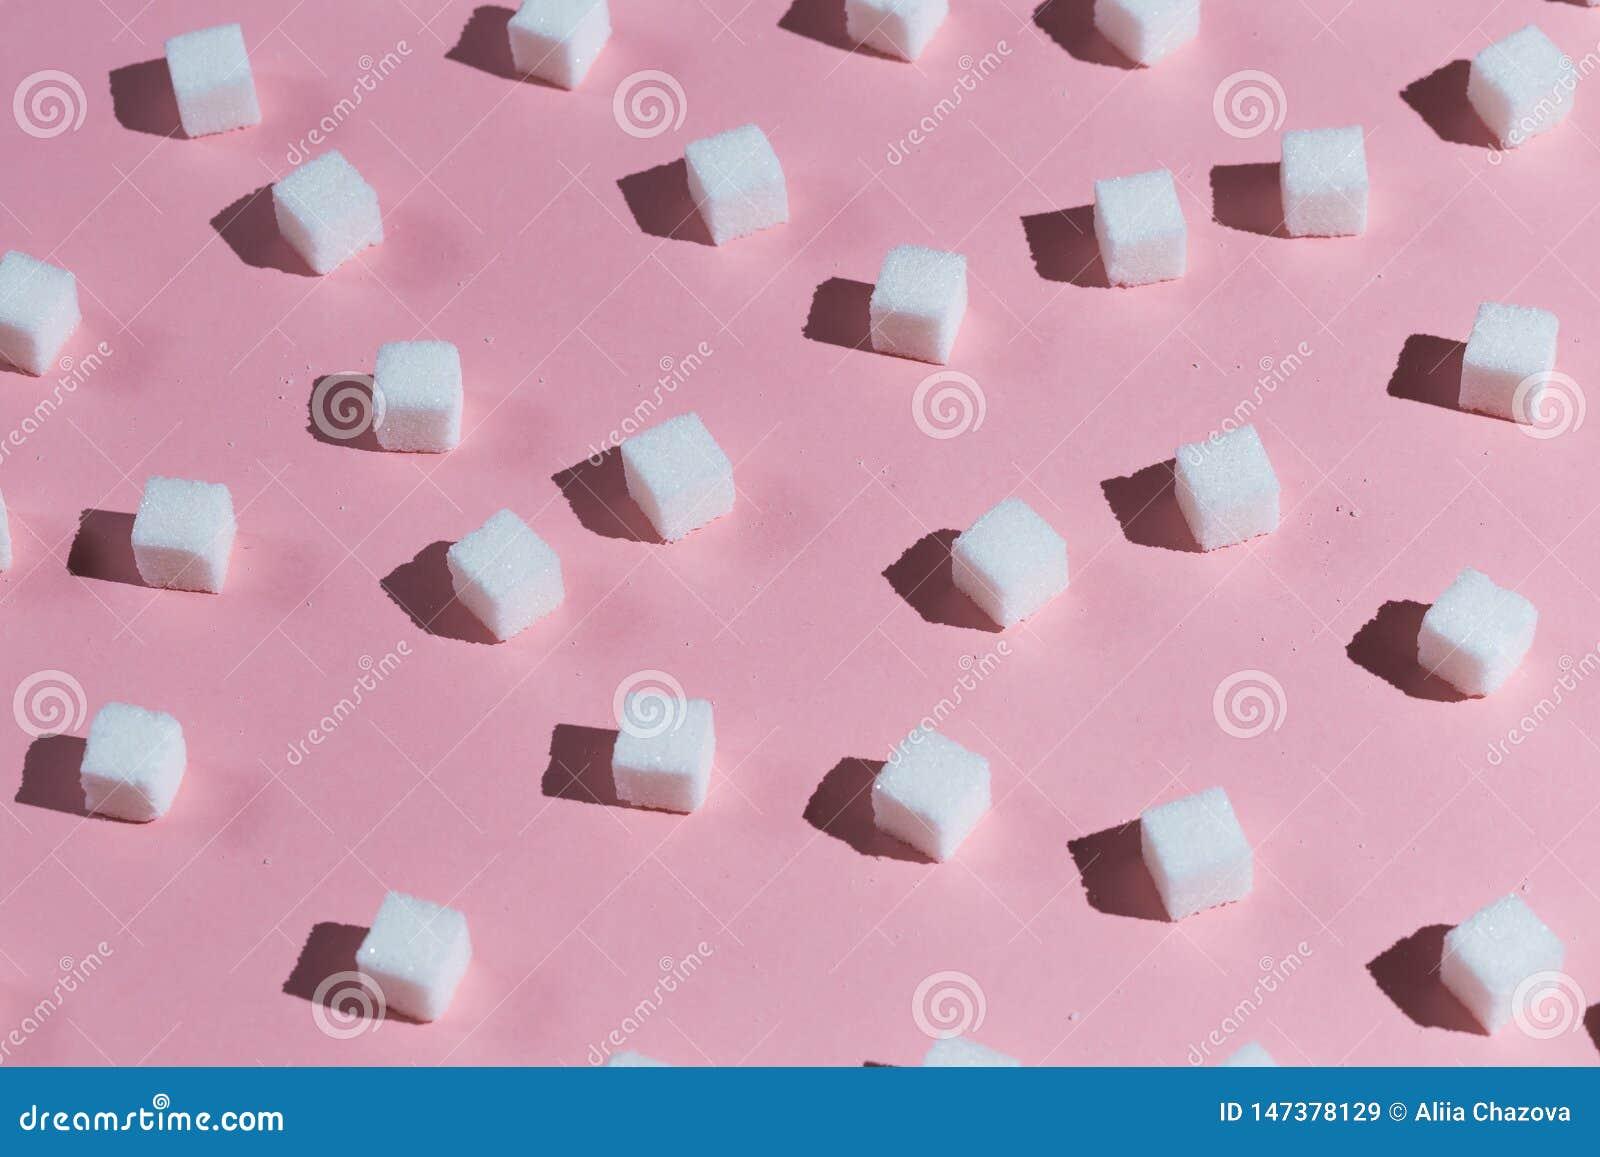 Colección de cubos del azúcar